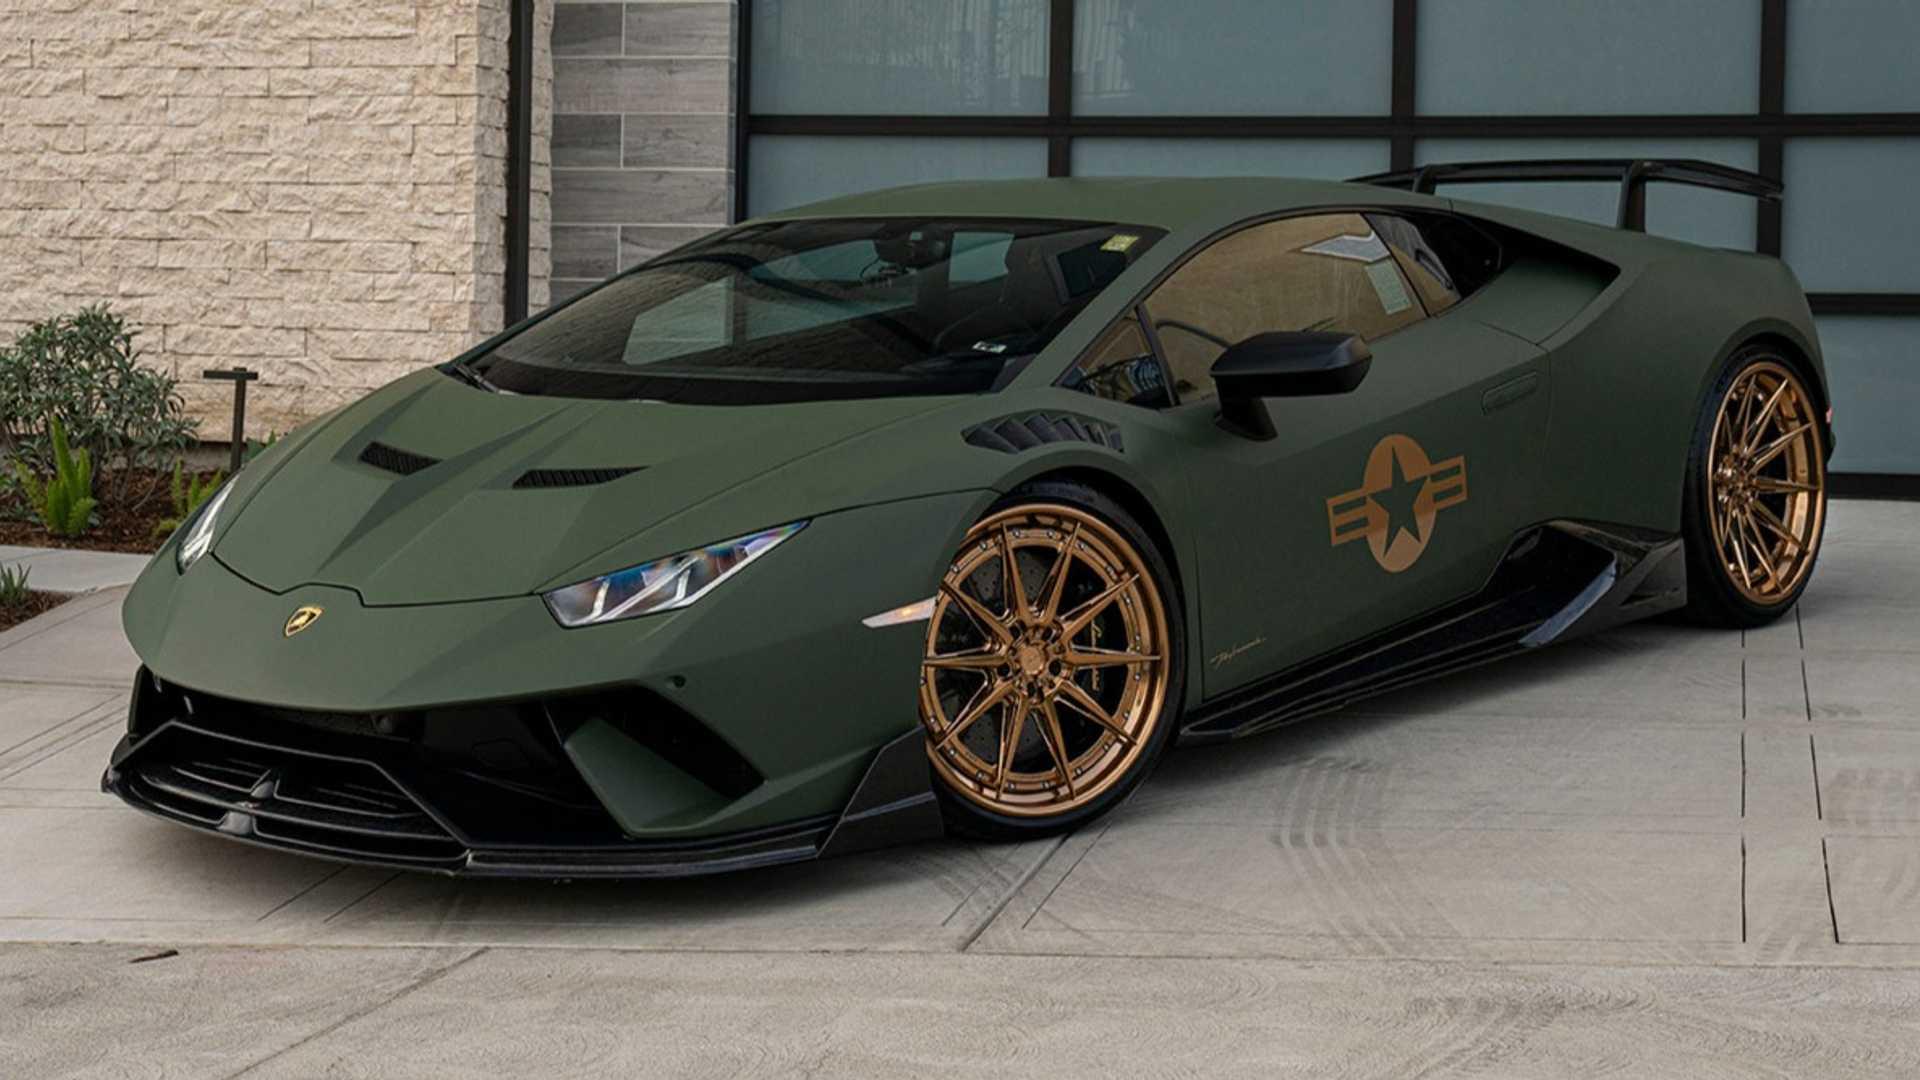 Lamborghini-Huracan-Performante-by-R1-Motorsport-1